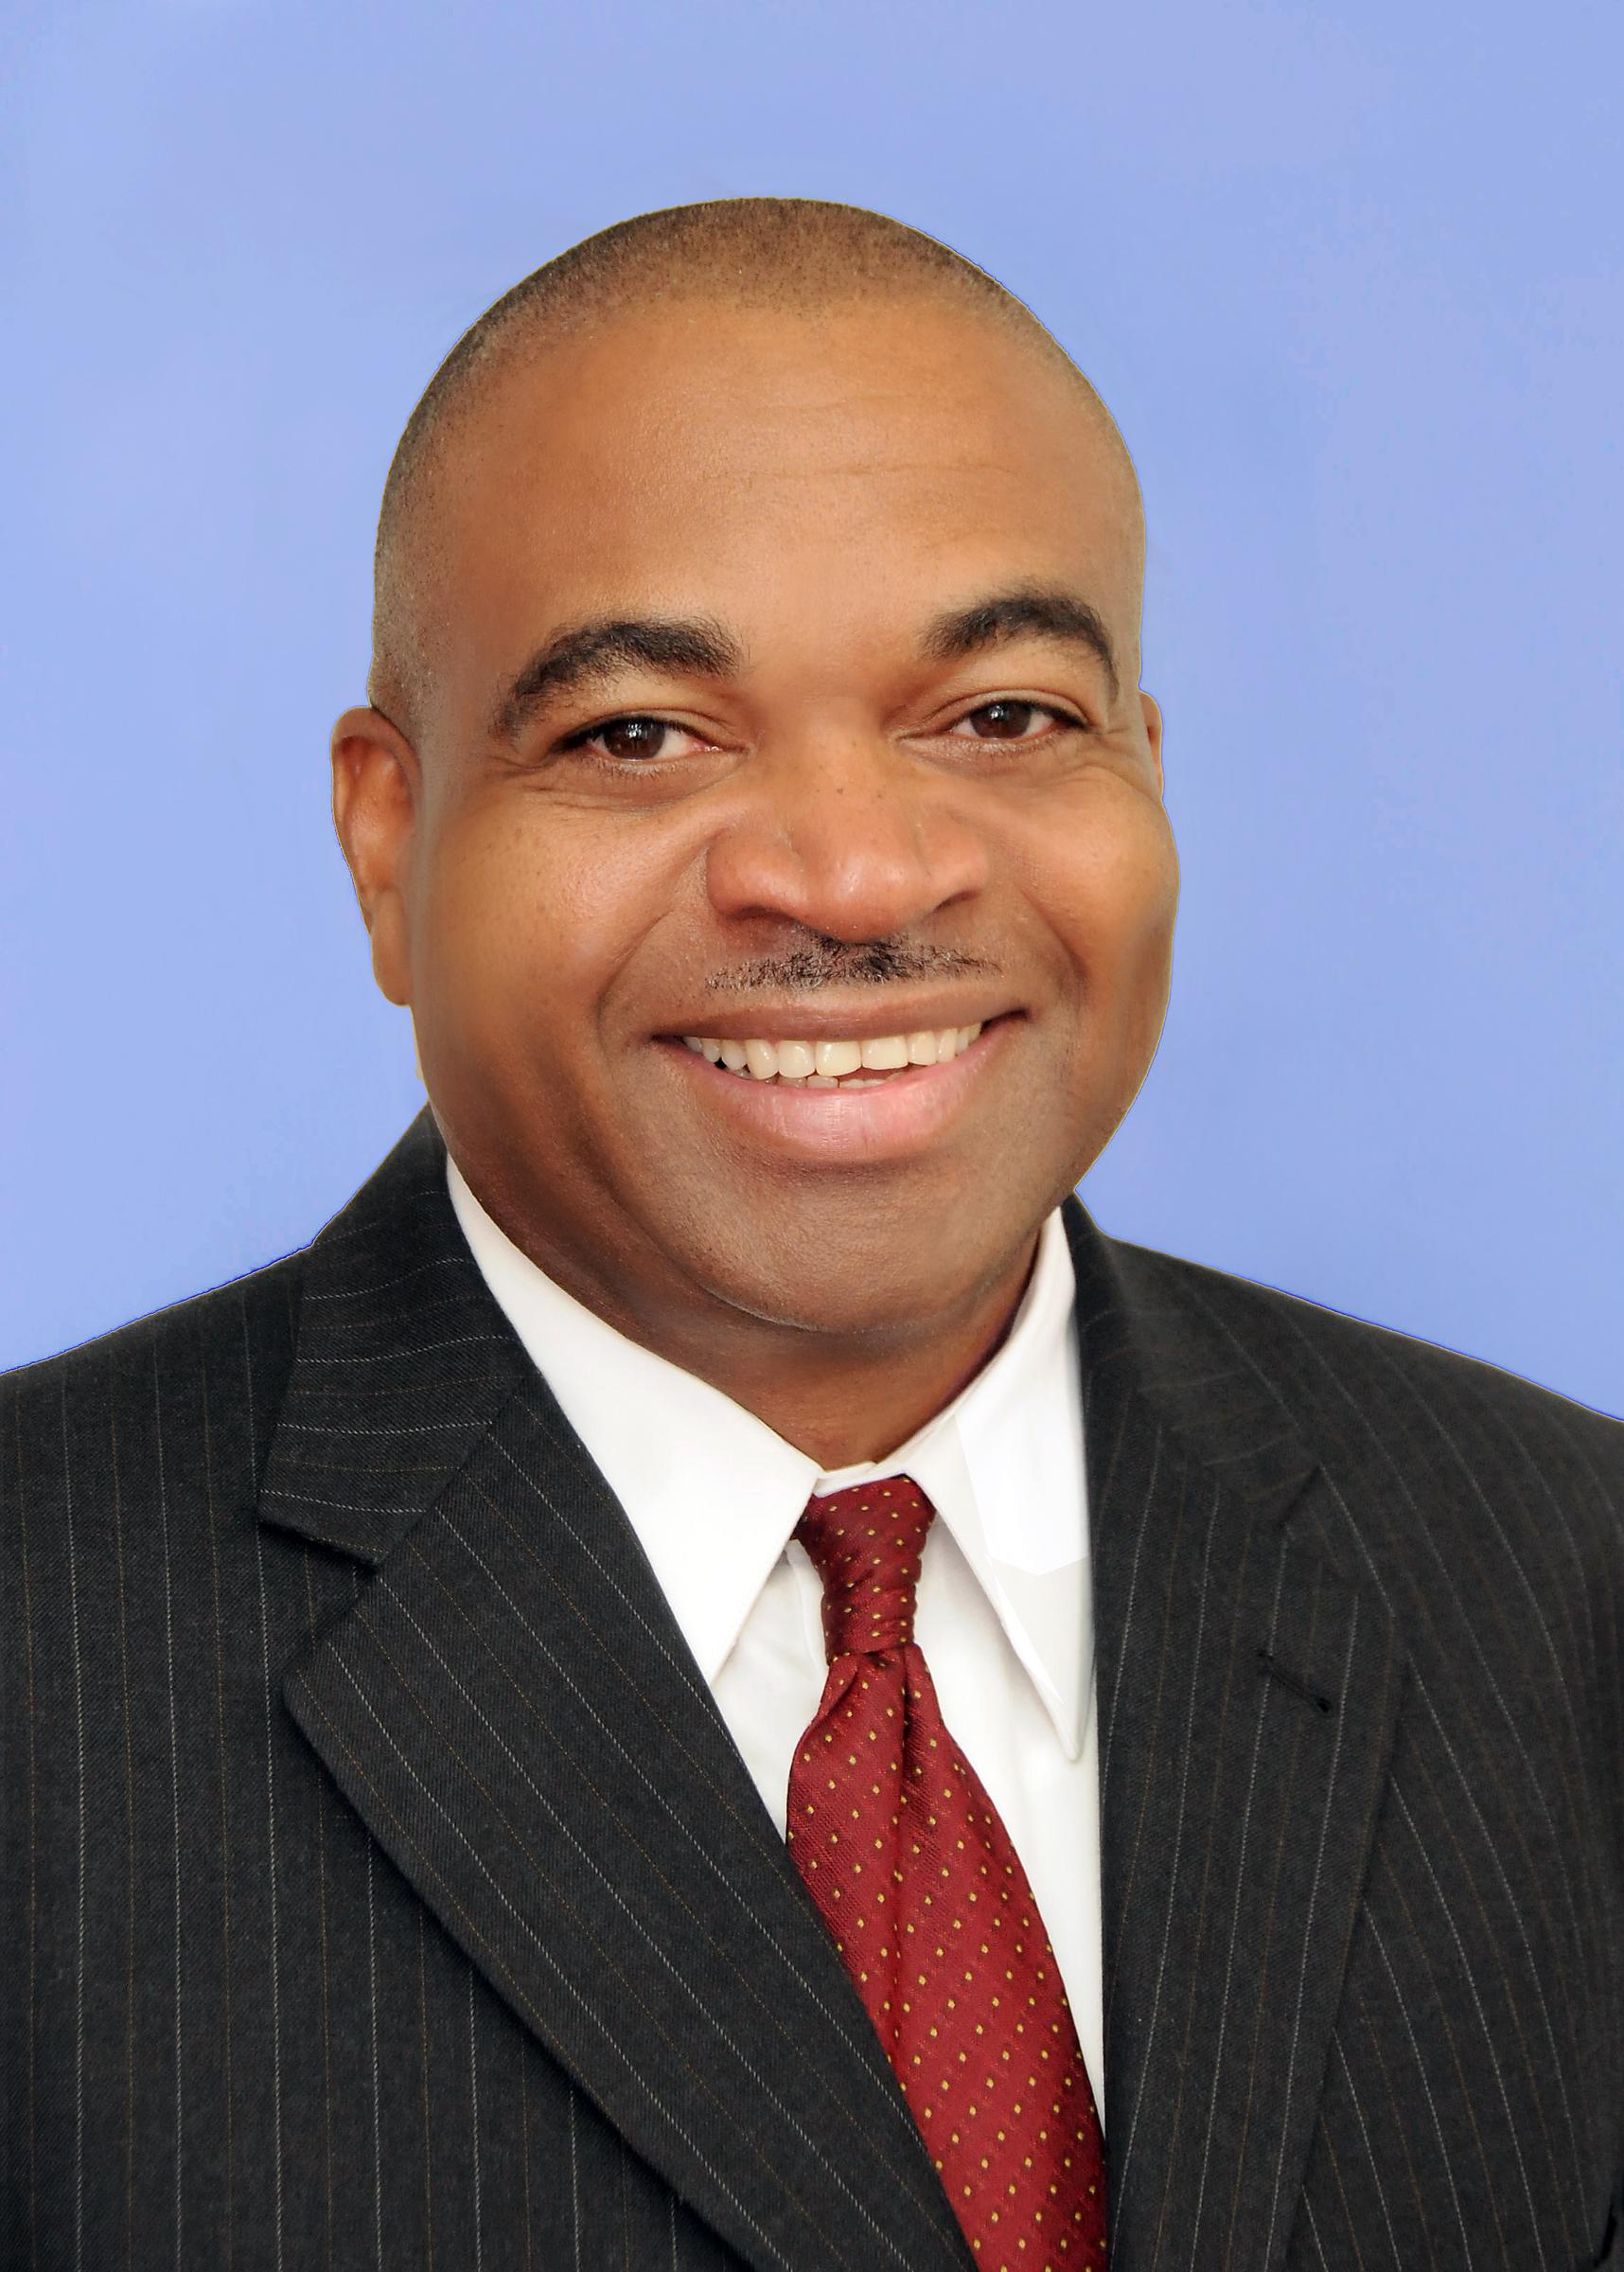 Trevor Riley